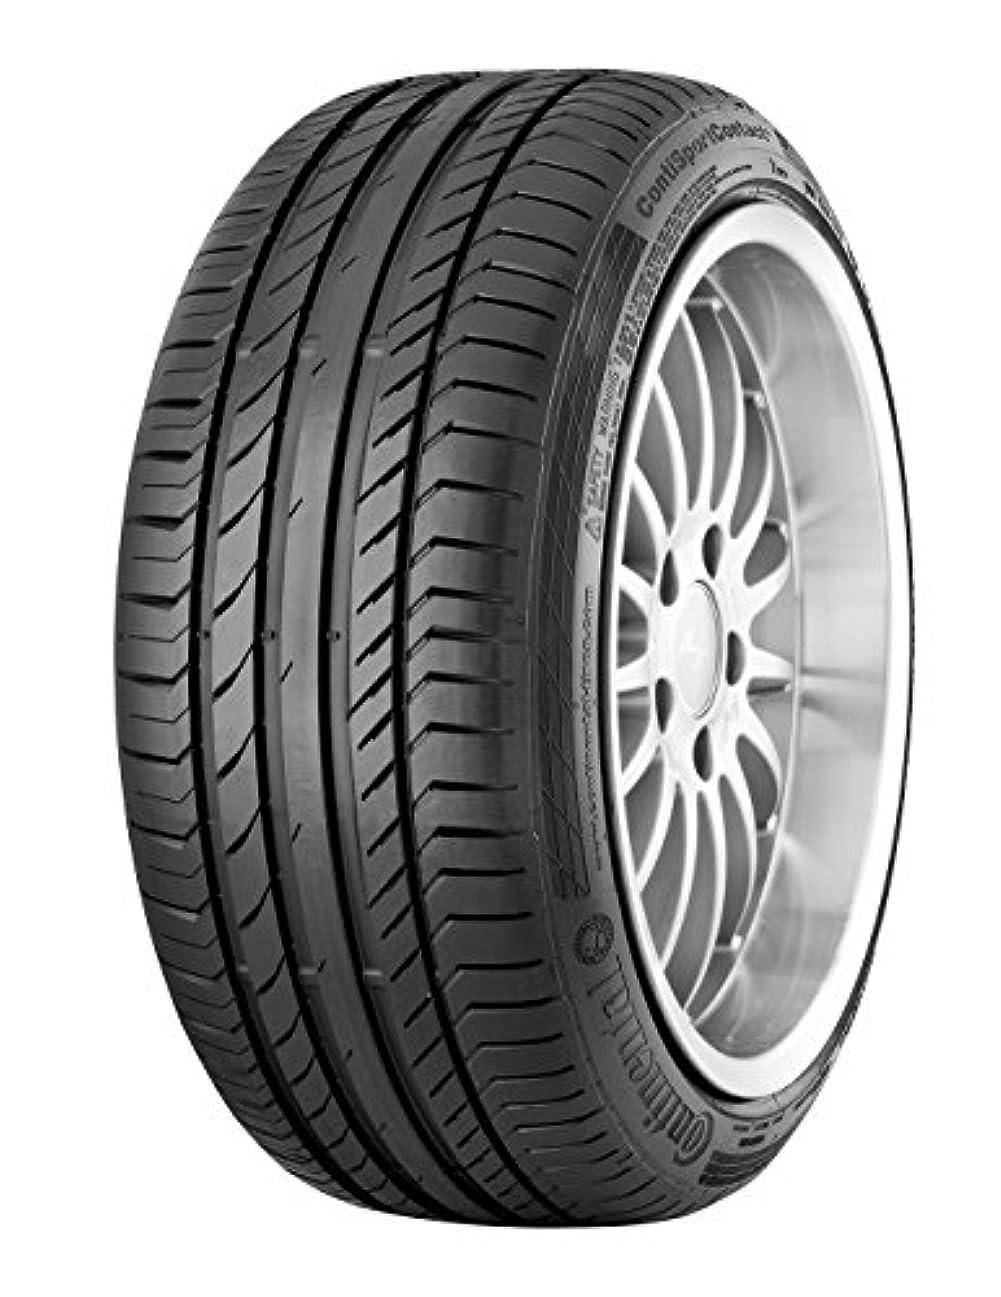 ロードハウス未知のつづりサマータイヤ 285/45R20 112Y XL コンチネンタル コンチスポーツコンタクト5 SUV AO アウディ承認 ContiSportContact 5 SUV